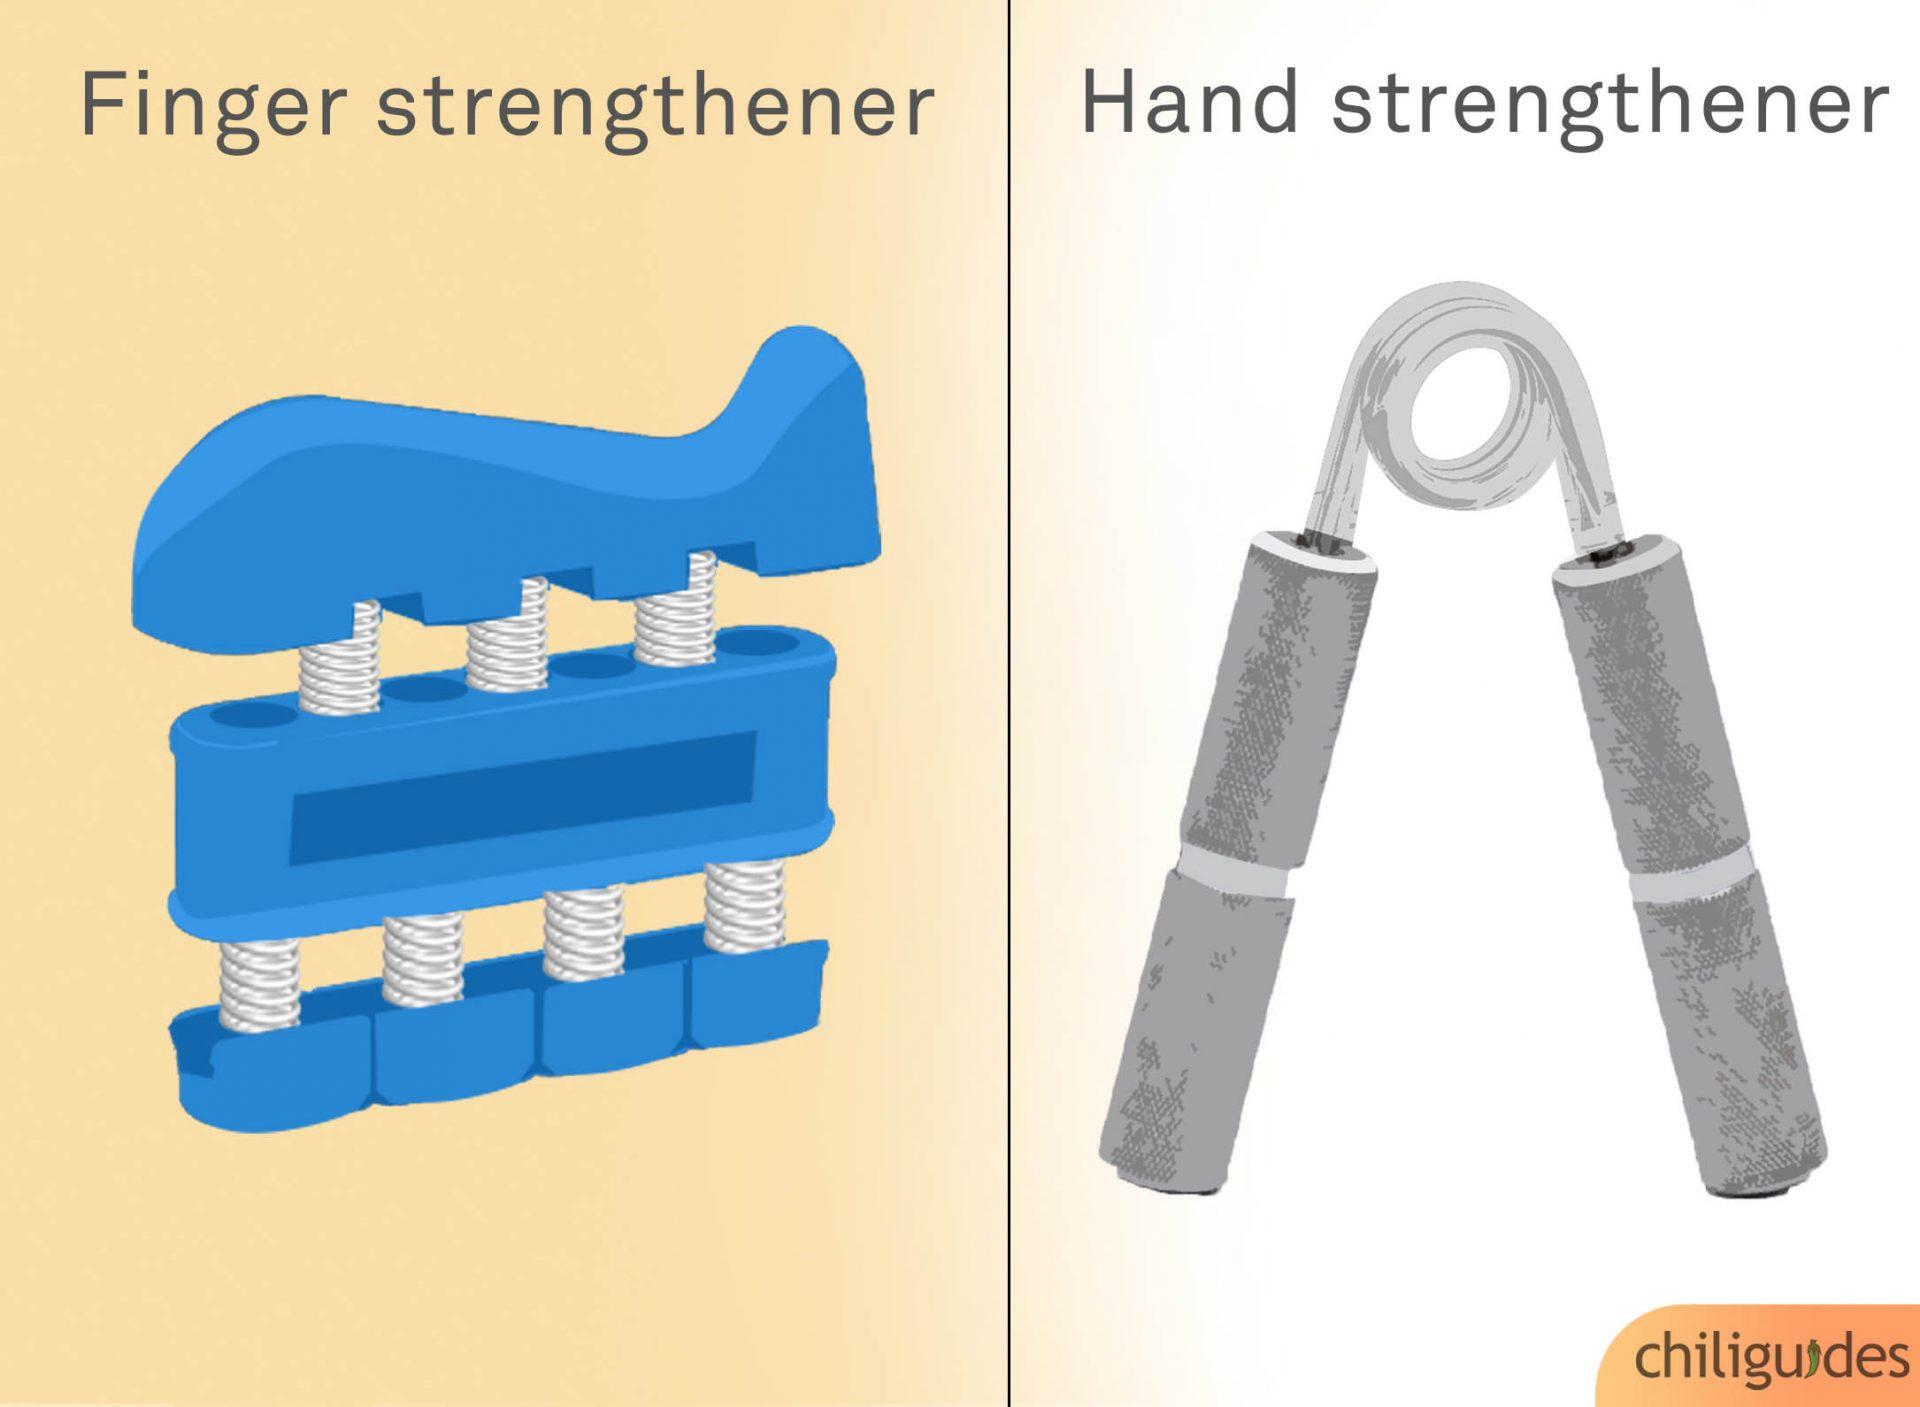 <p><b>Hand strengthener vs. Finger strengthener</b></p>